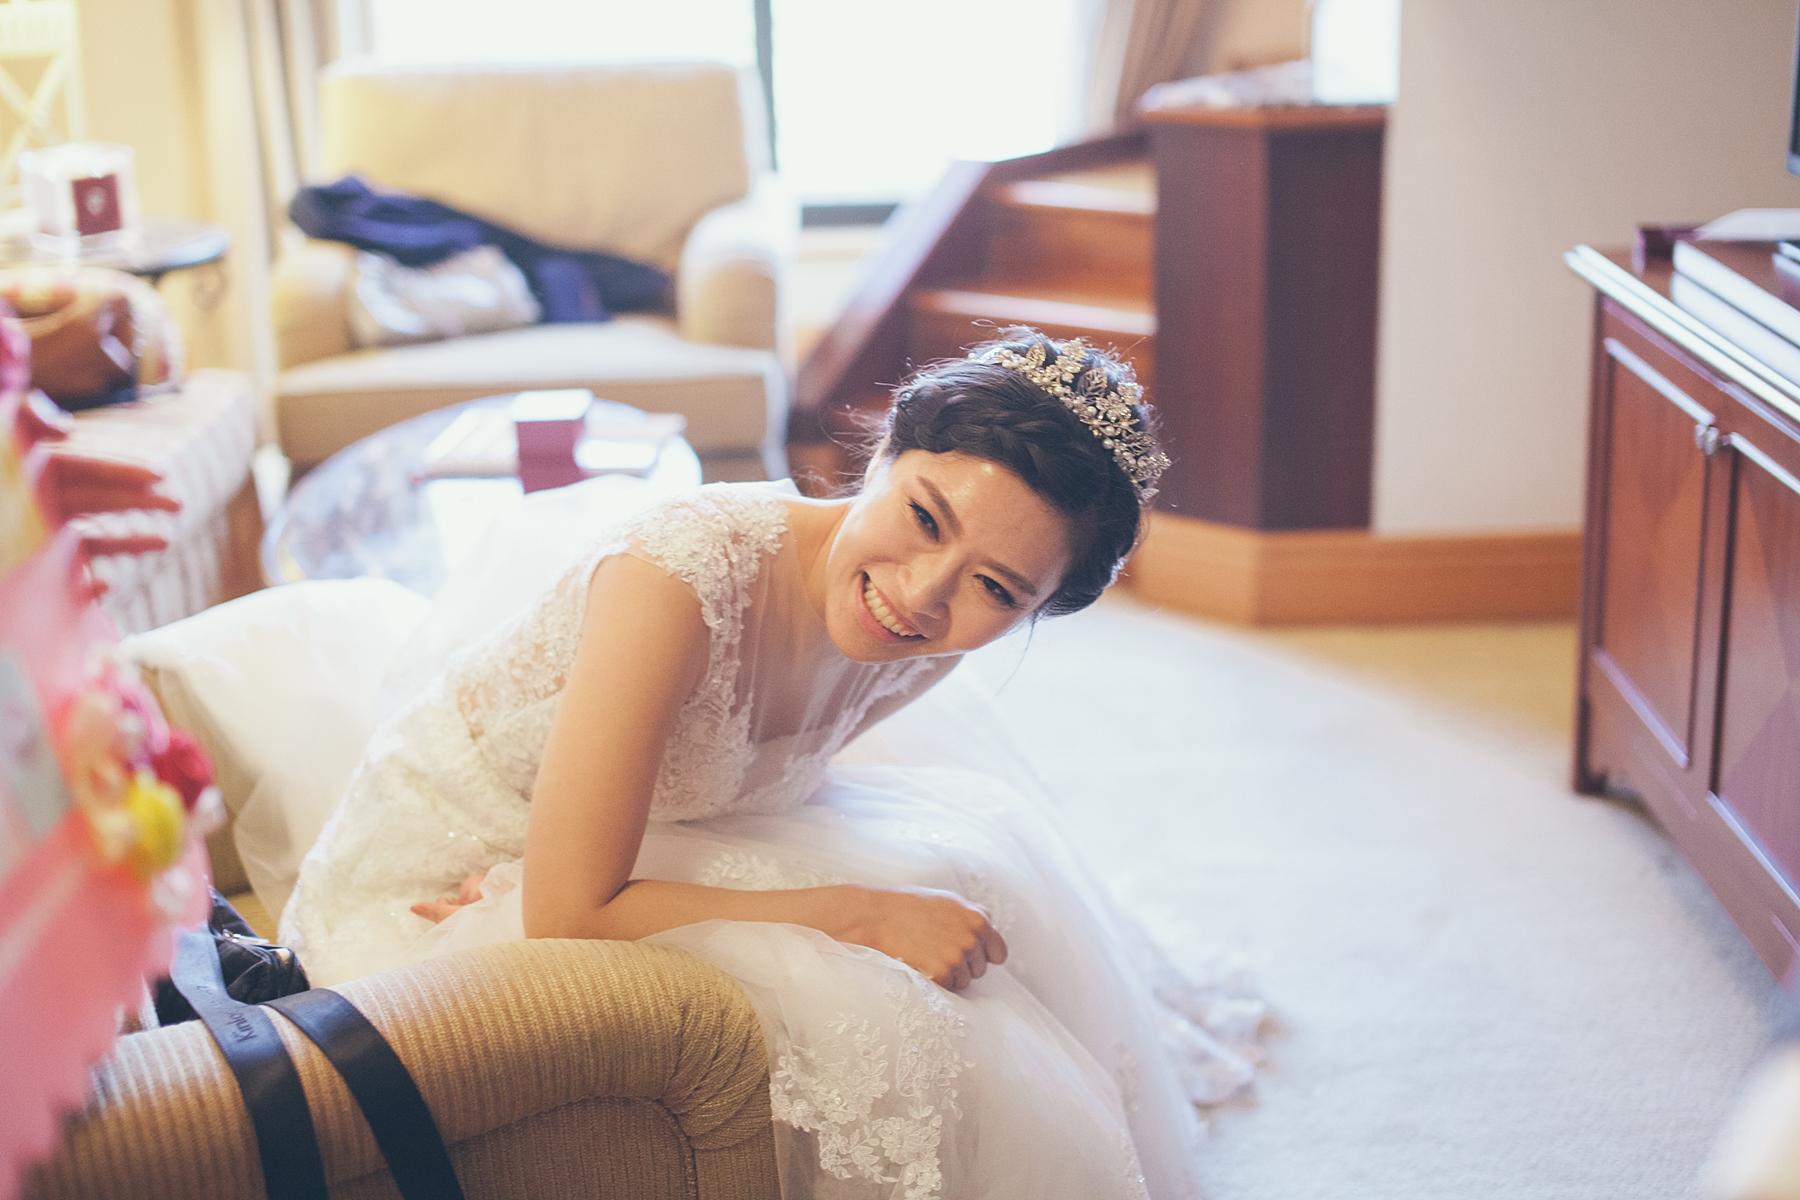 【婚禮攝影 新竹】諺澤 & 夢書 | 煙波大飯店 底片風格